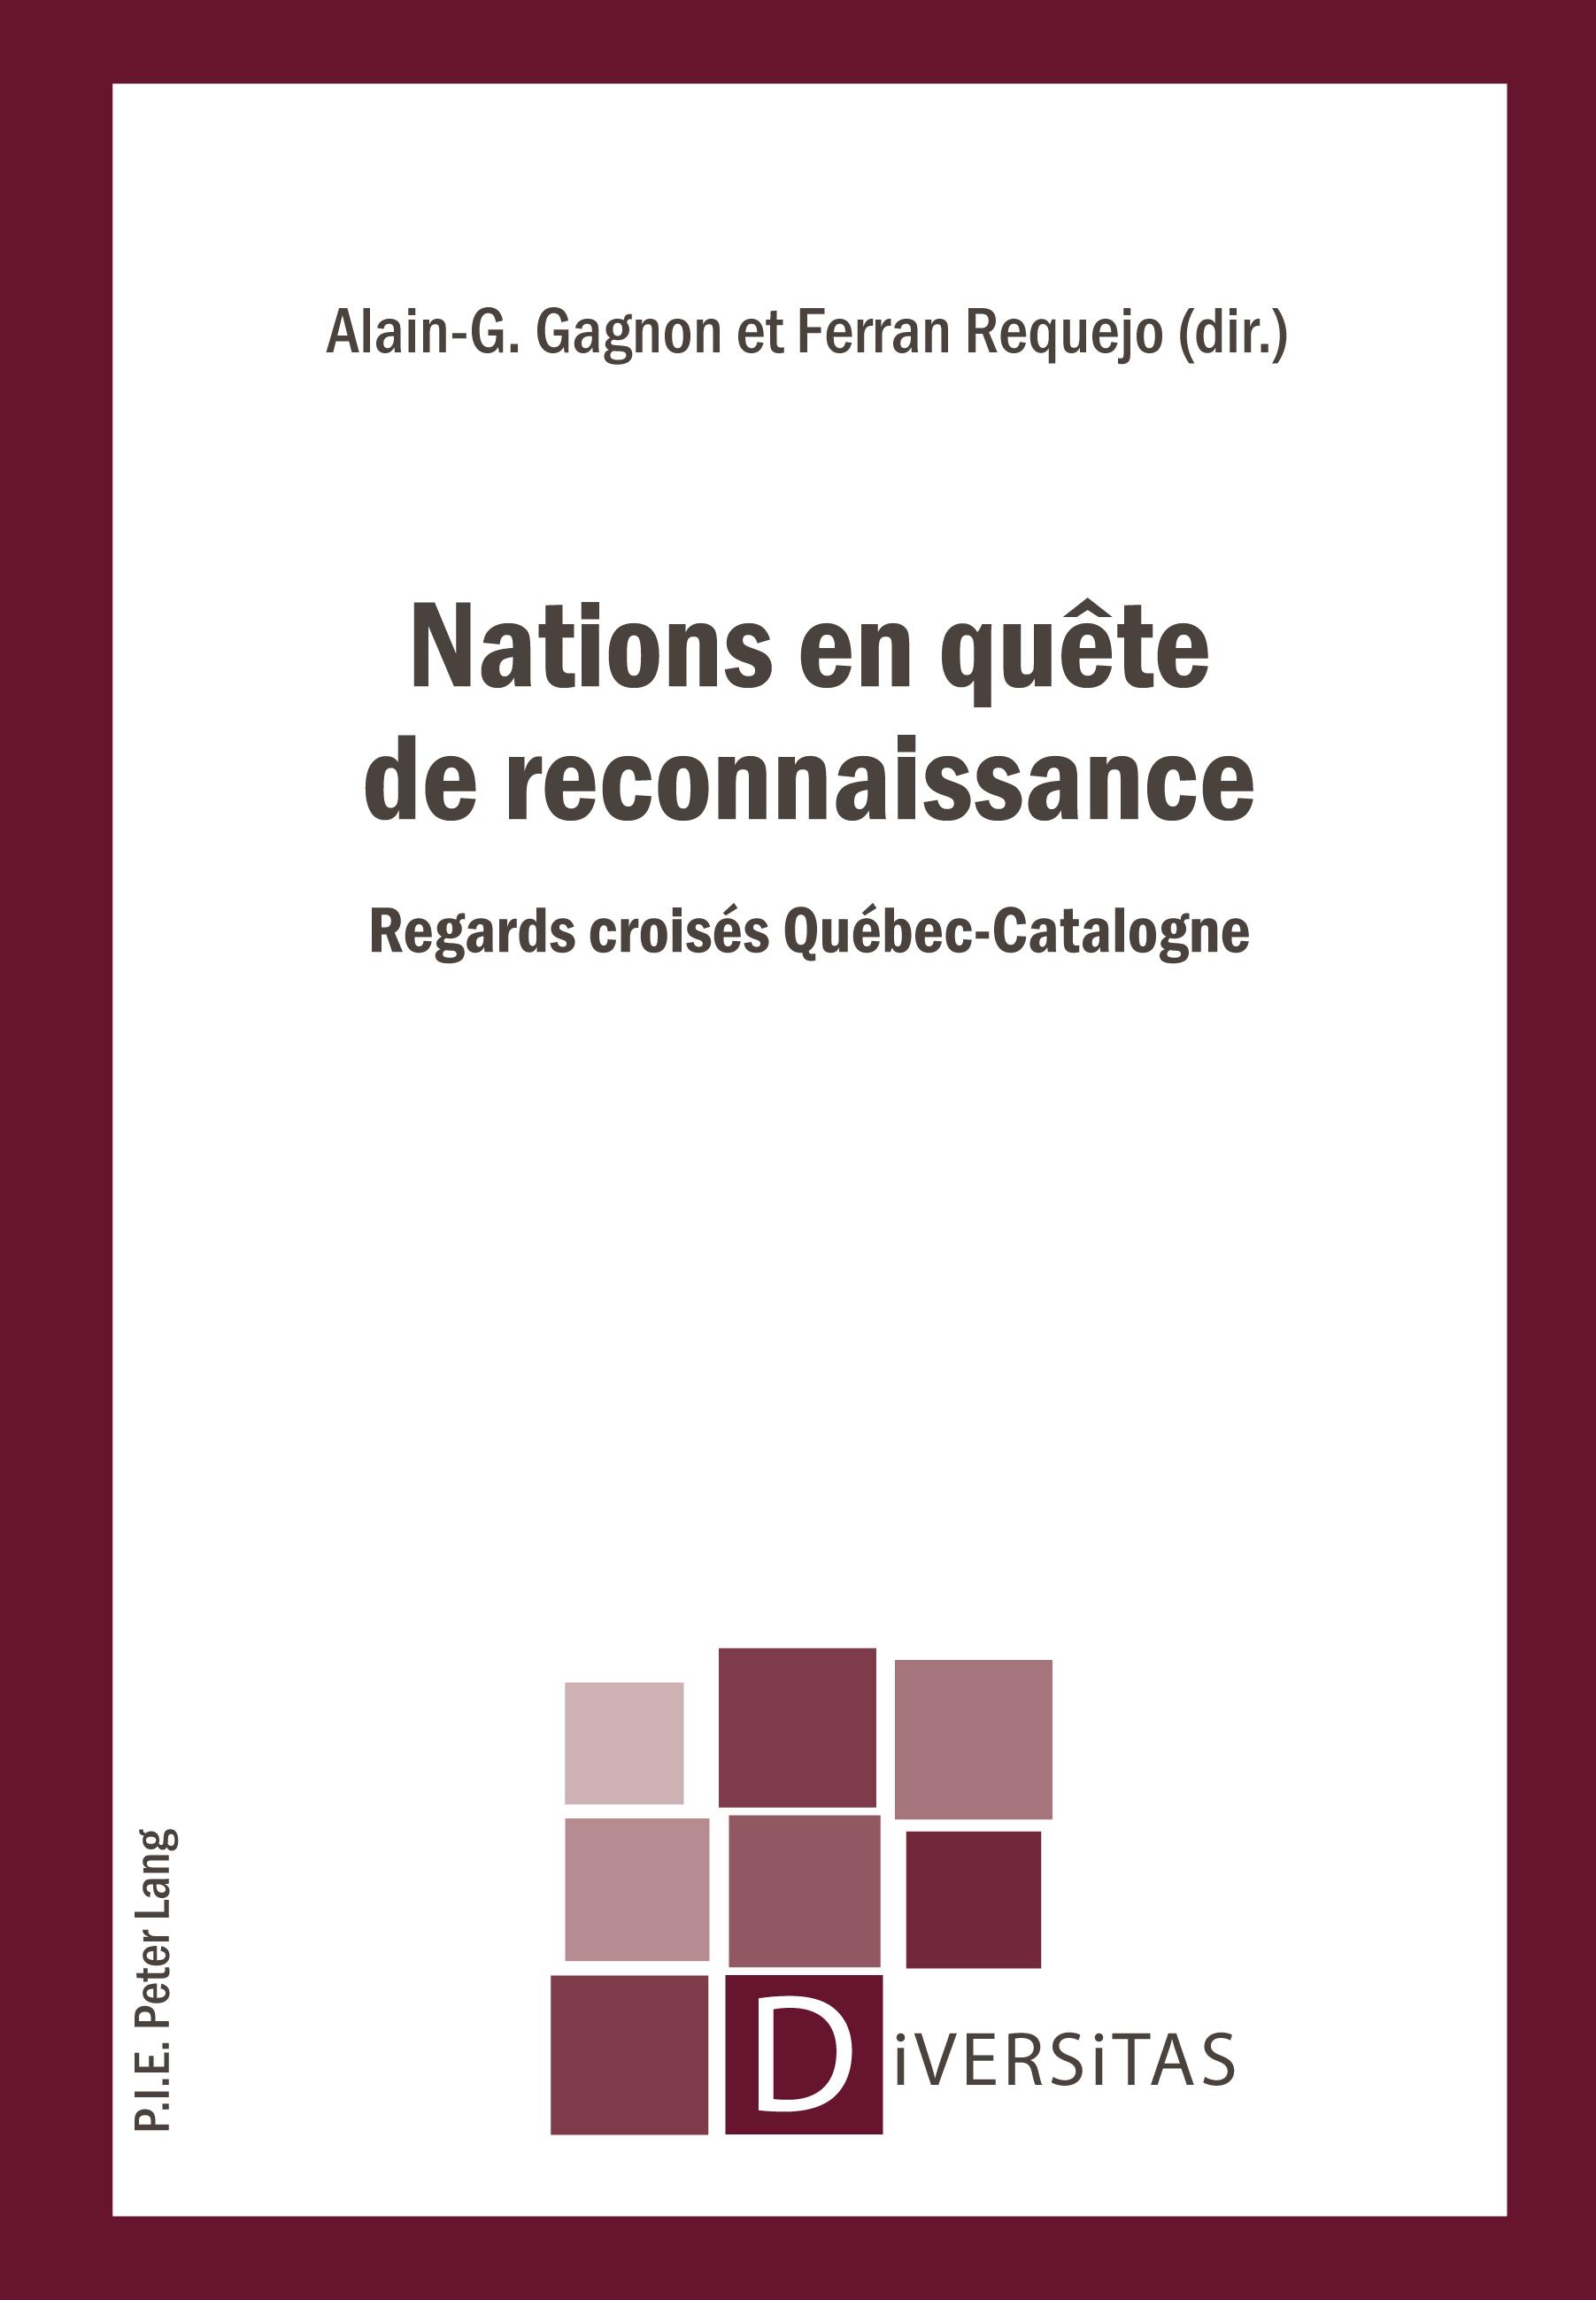 NATIONS EN QUETE DE RECONNAISSANCE